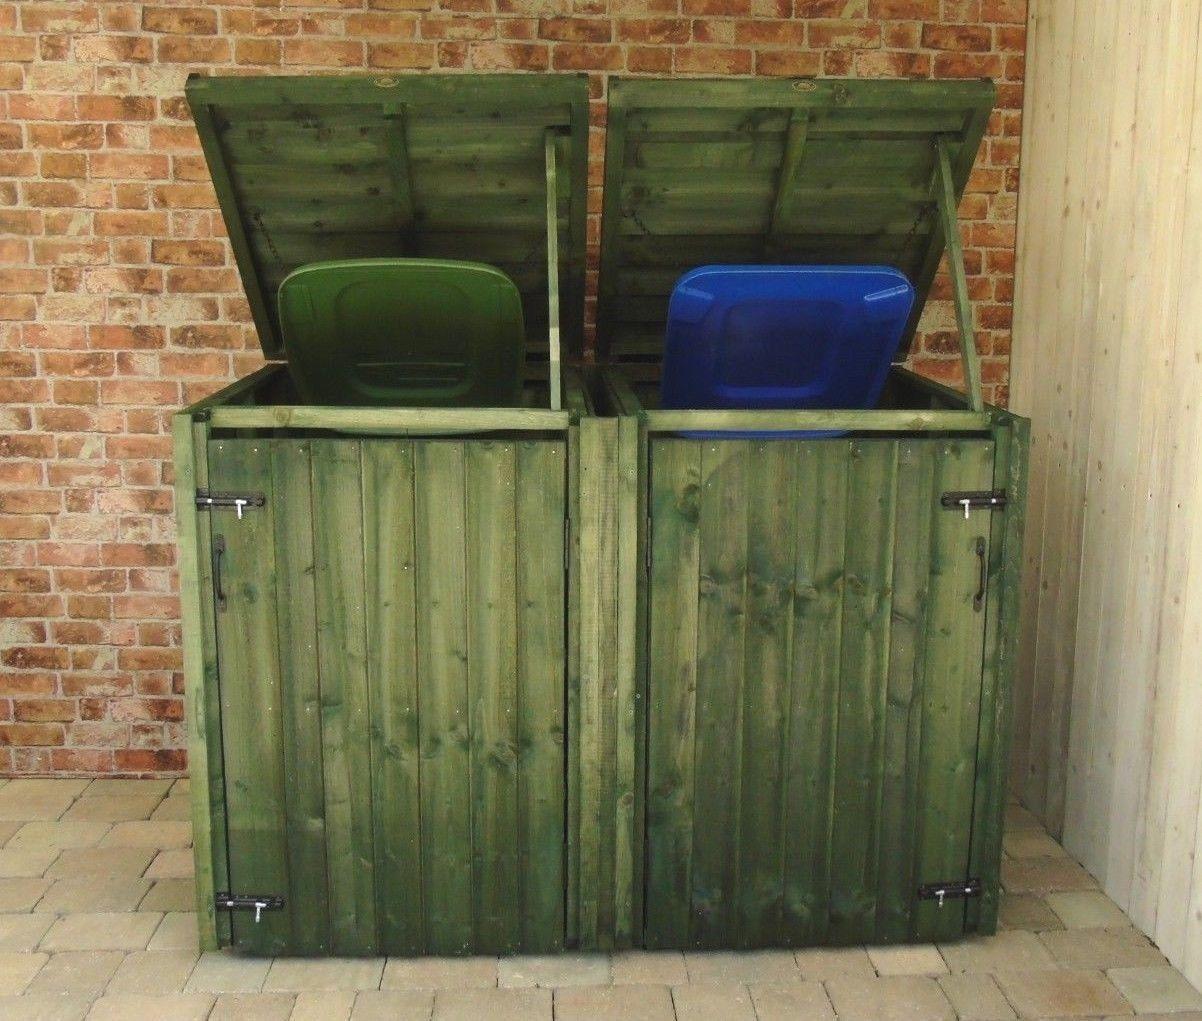 Wheelie Bin Dust Bin Recycling Shelter Green Size